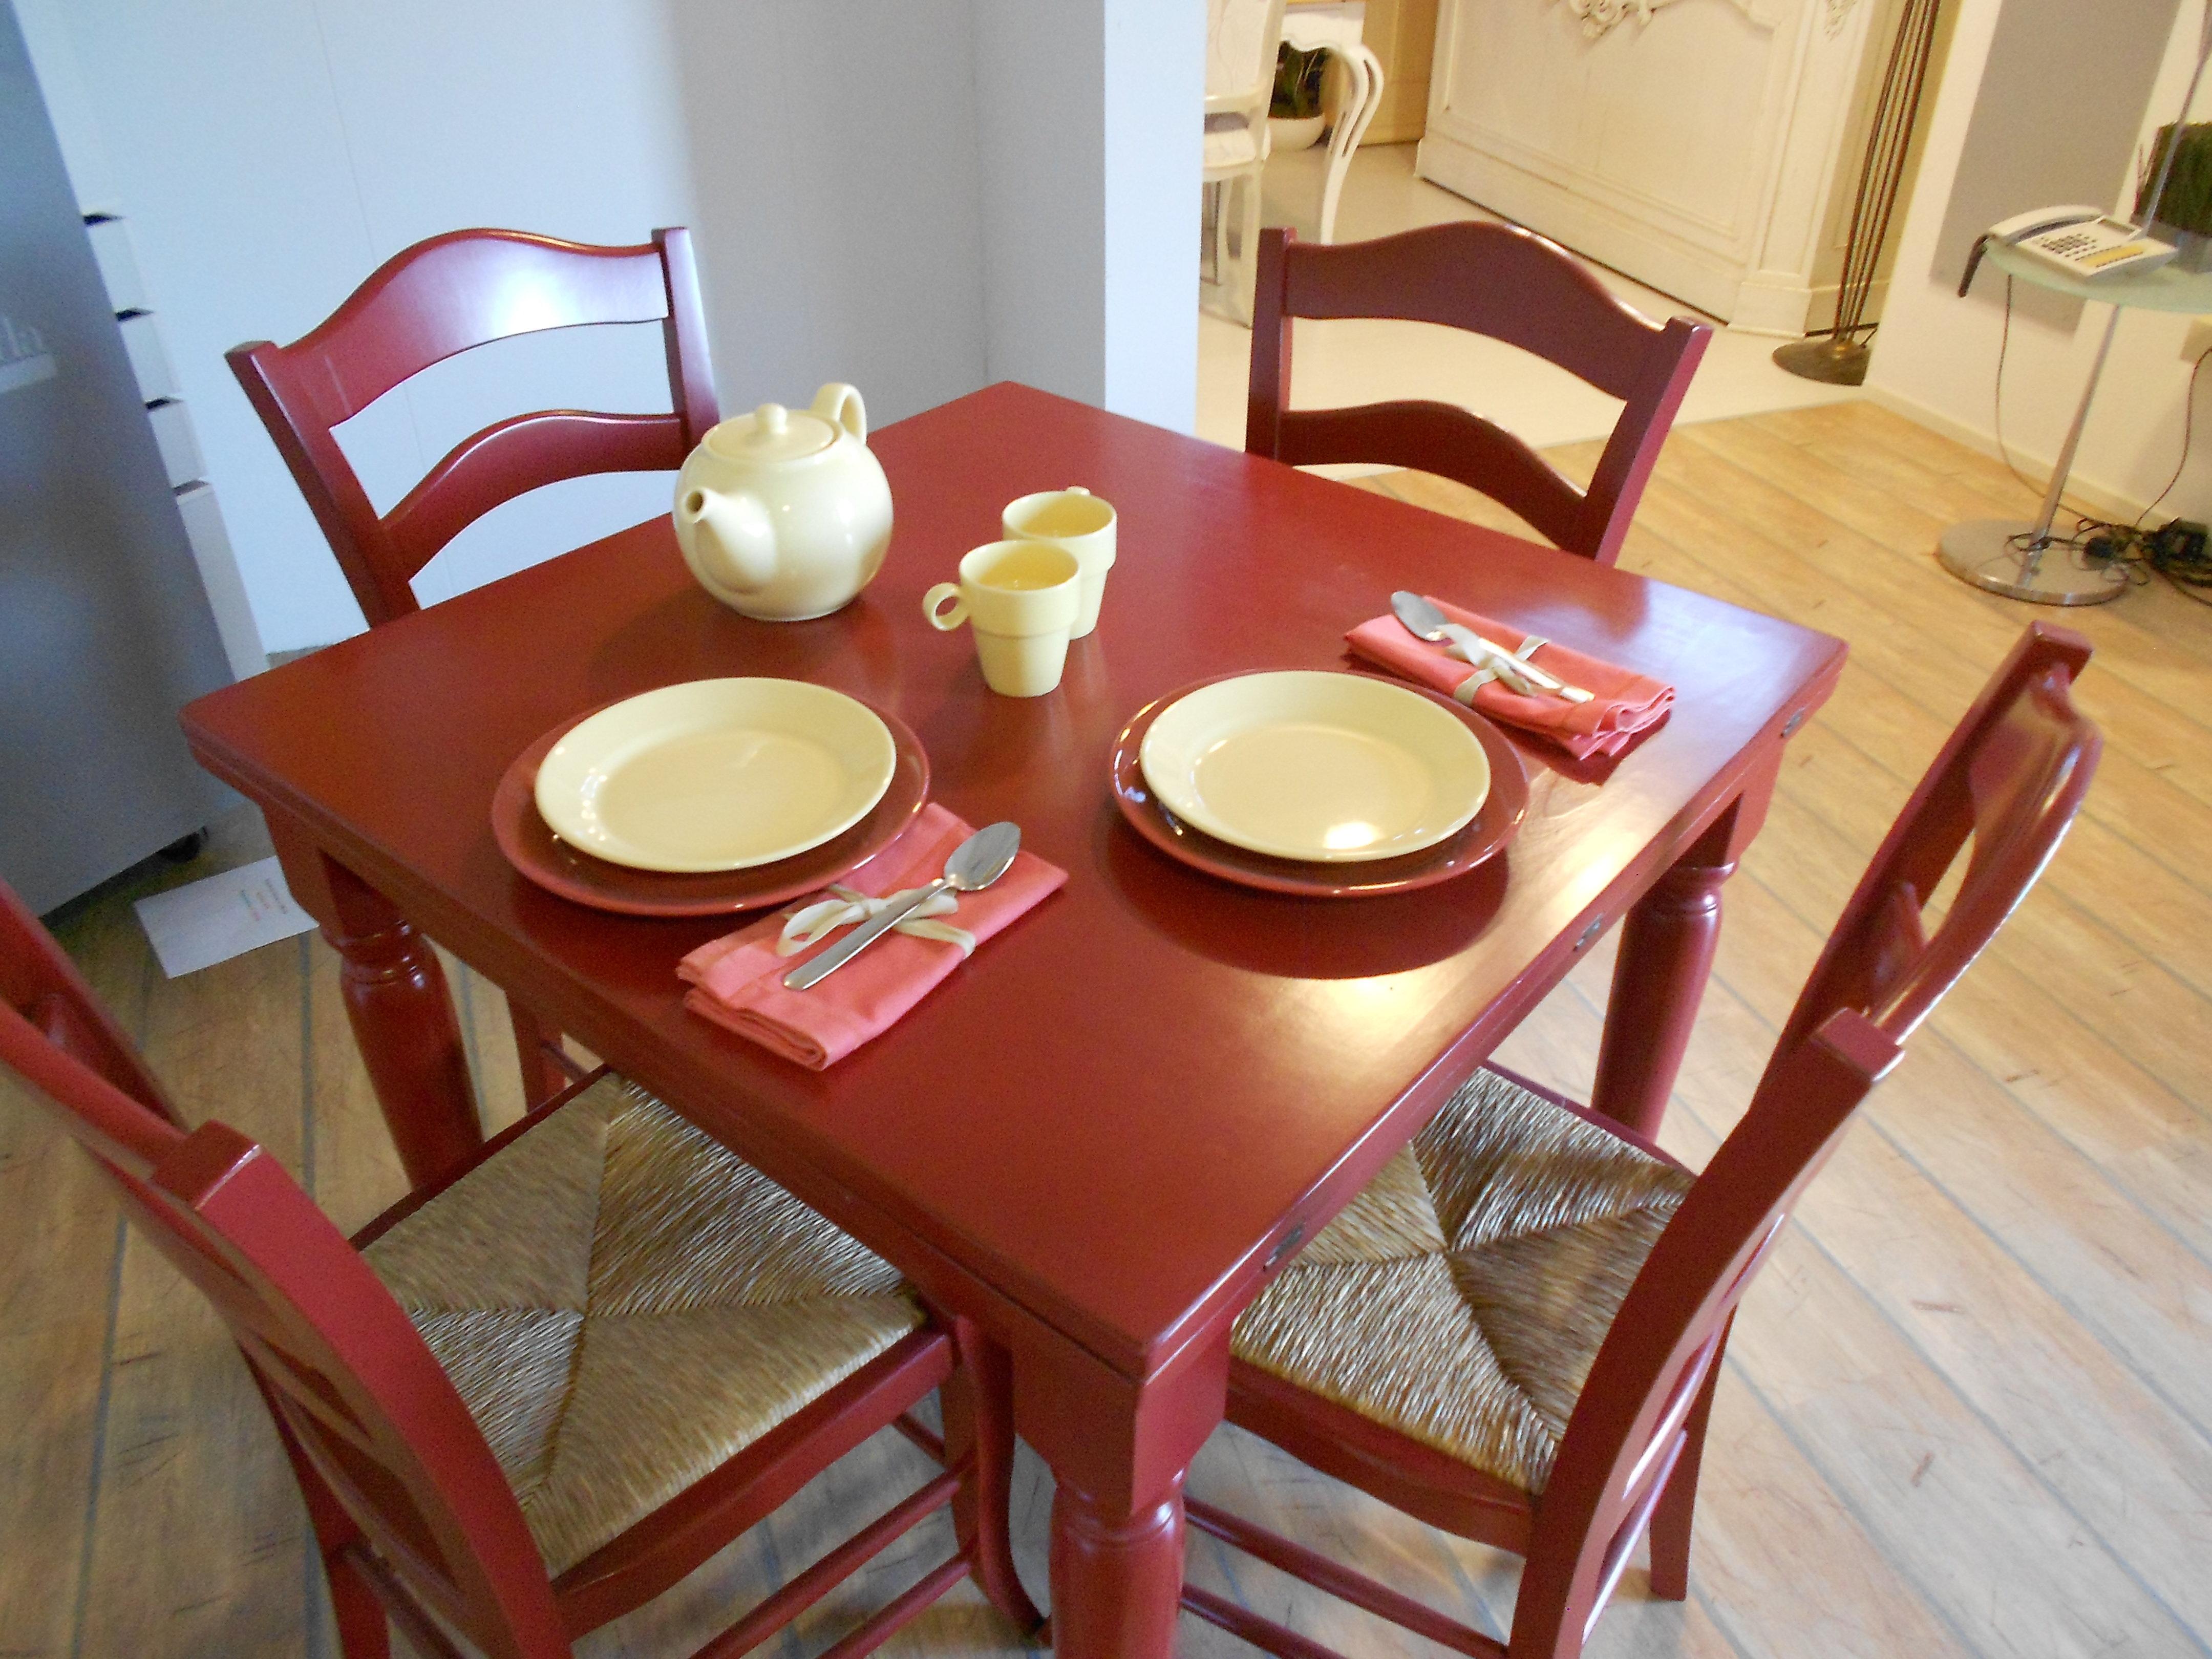 Tavolo e sedie in legno fratelli mirandola scontato del 40 for Tavoli e sedie da soggiorno prezzi